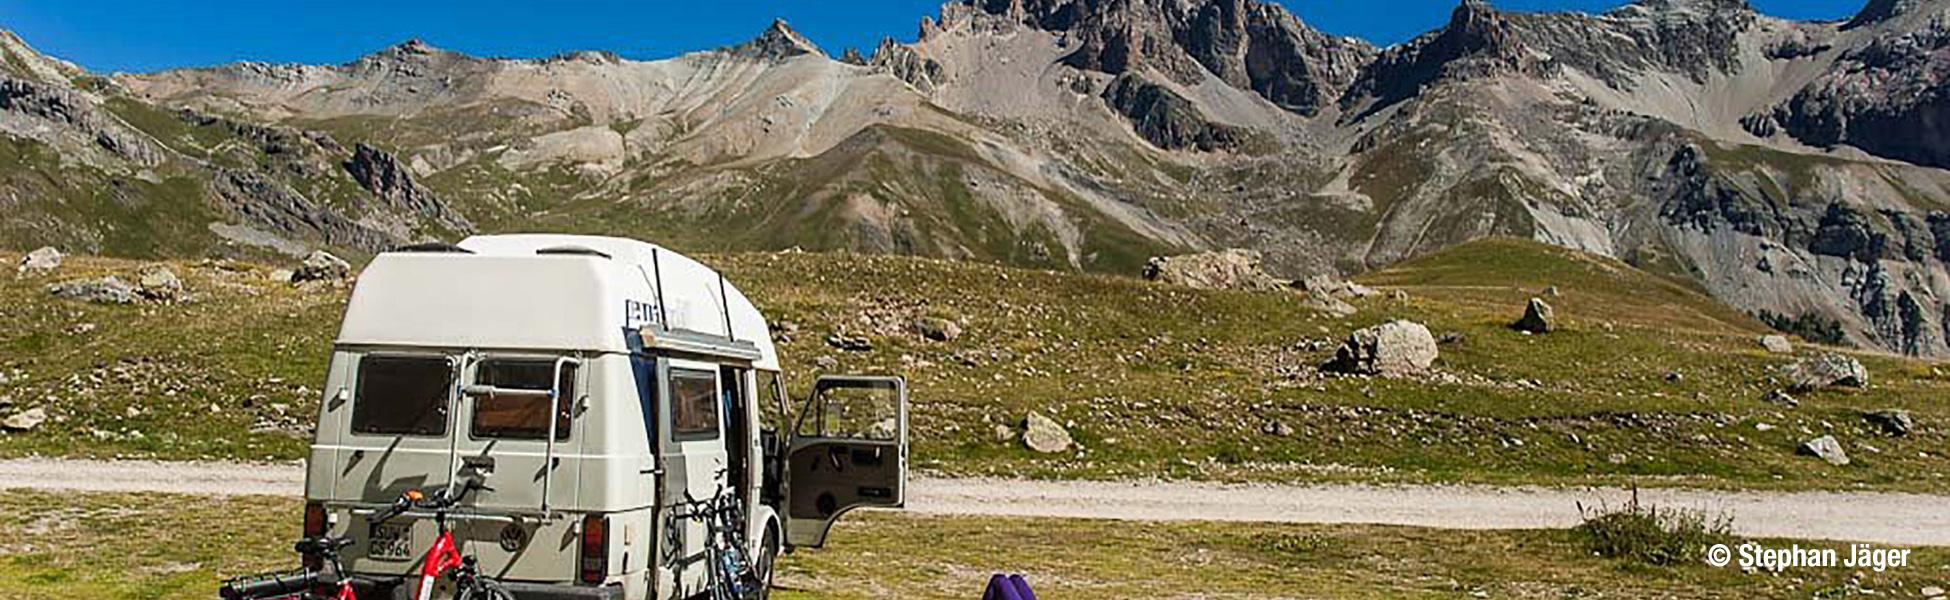 Radeln in den Alpen